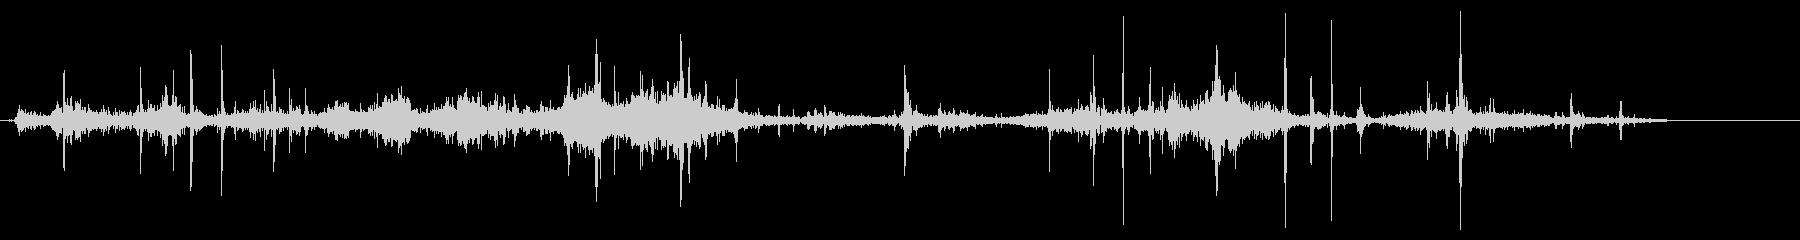 紙を丸める効果音 04の未再生の波形